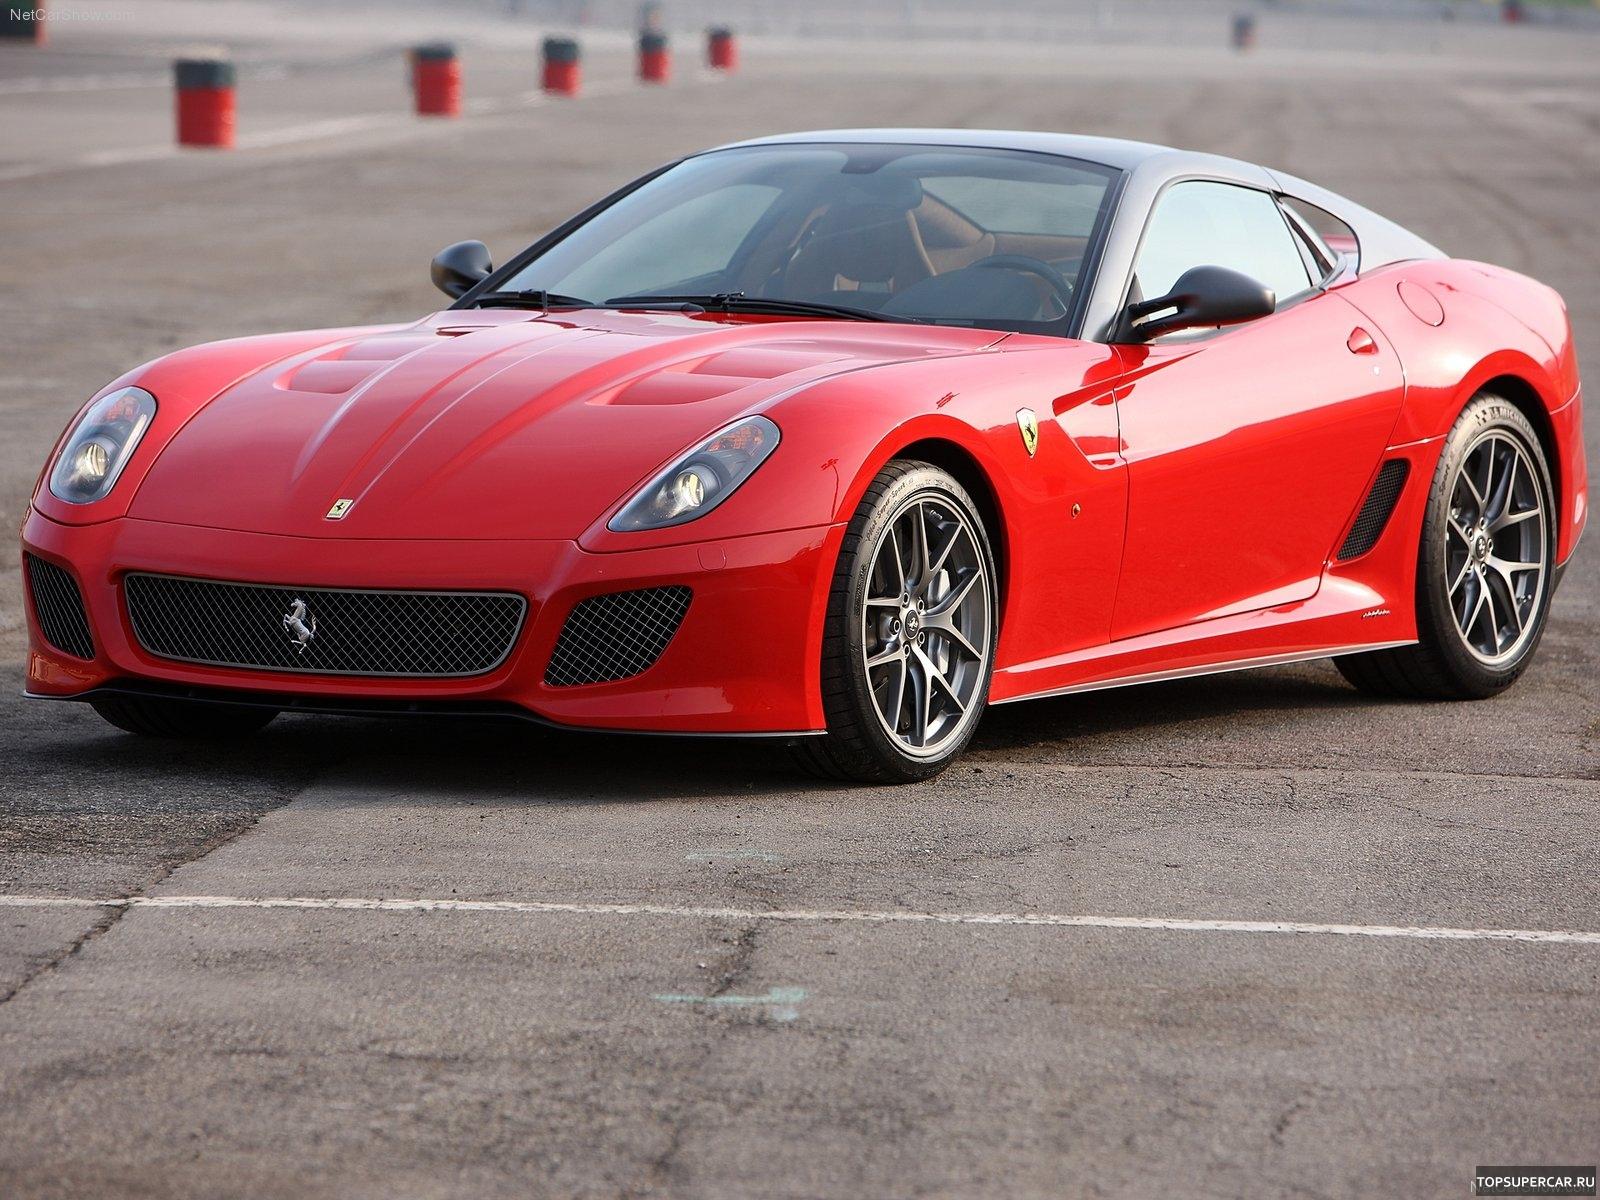 Ferrari 599 Gto Specifications Description Photos